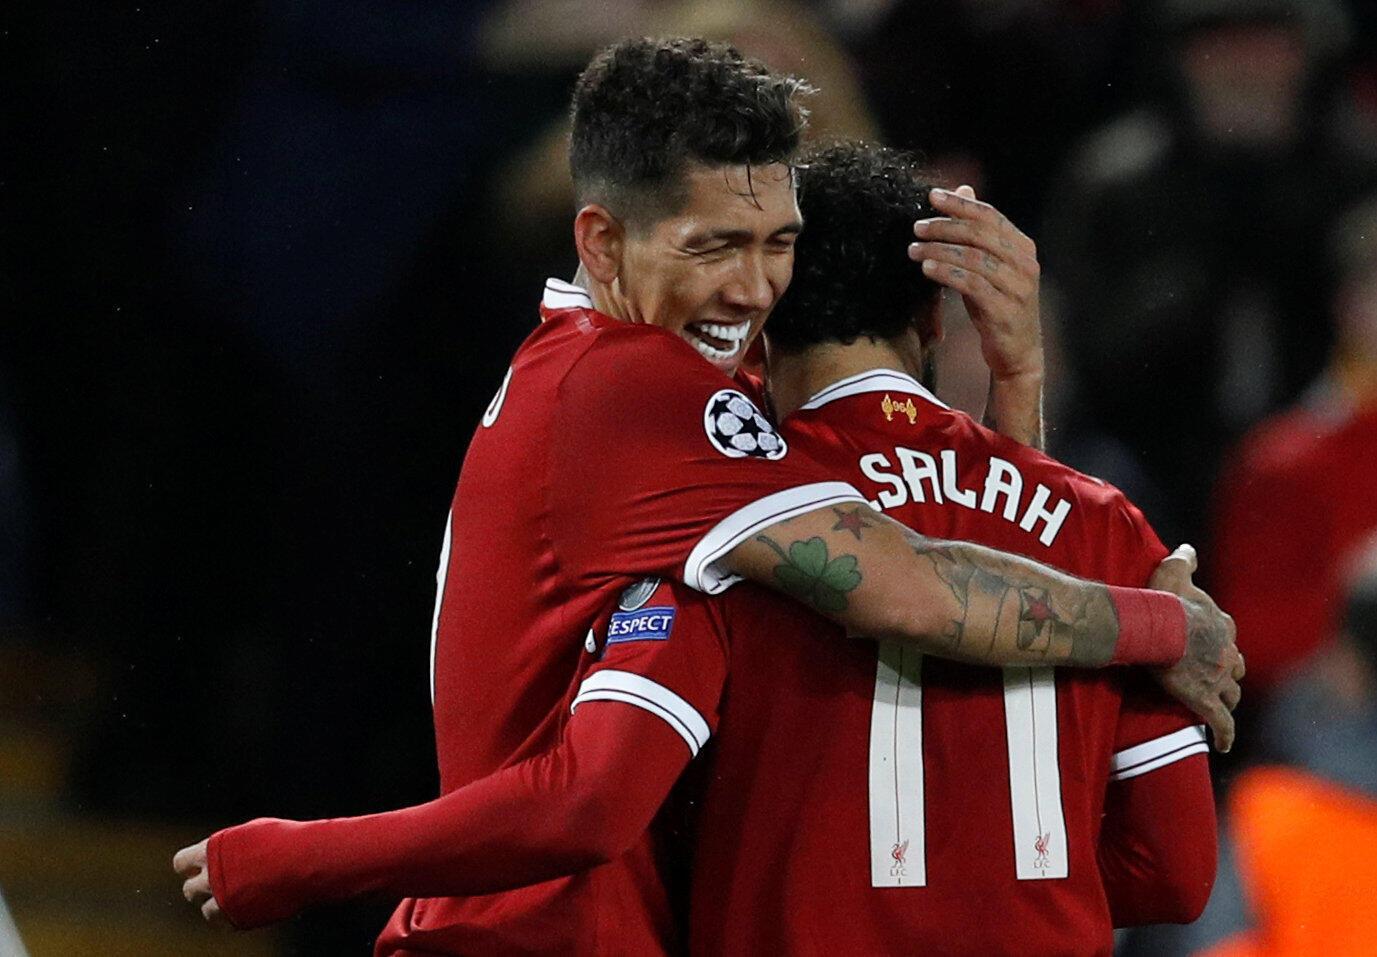 Roberto Firmino et Mohamed Salah ont inscrit quatre des cinq buts de Liverpool contre l'AS Roma (5-2) le 24 avril 2018